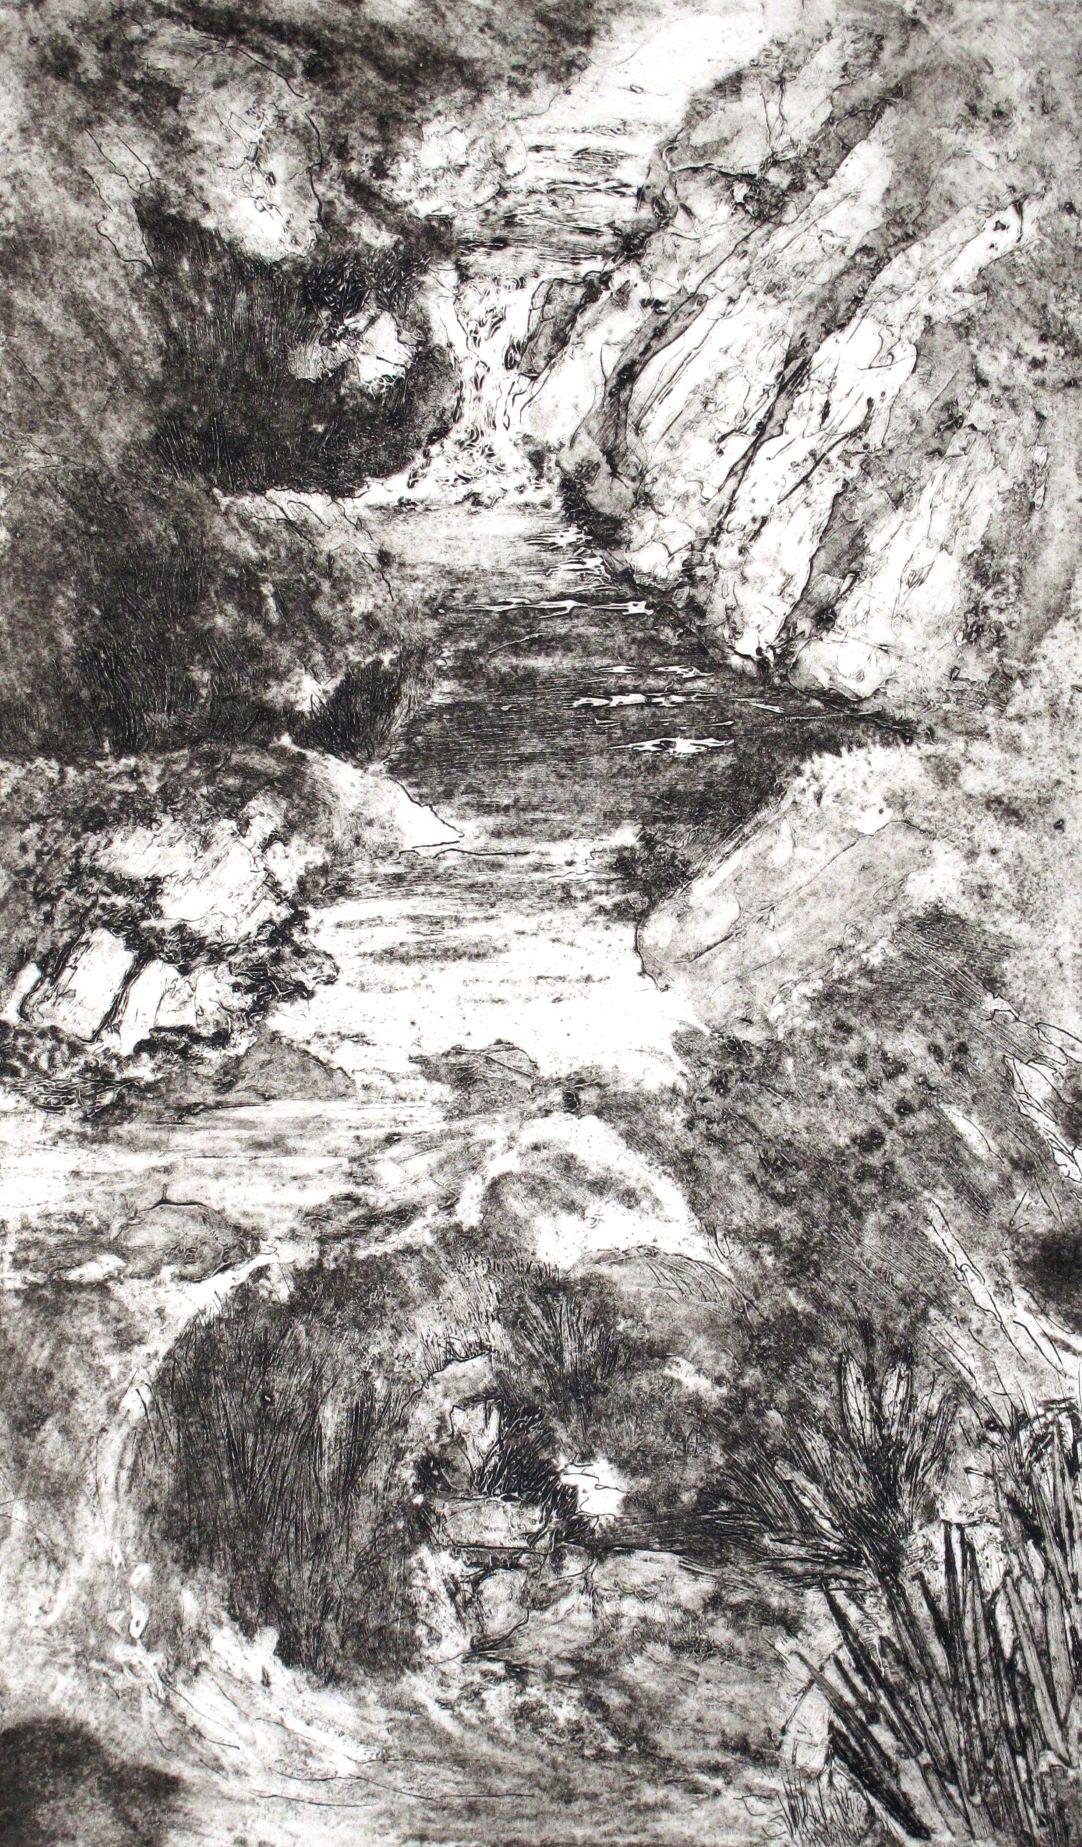 Hillside stream small